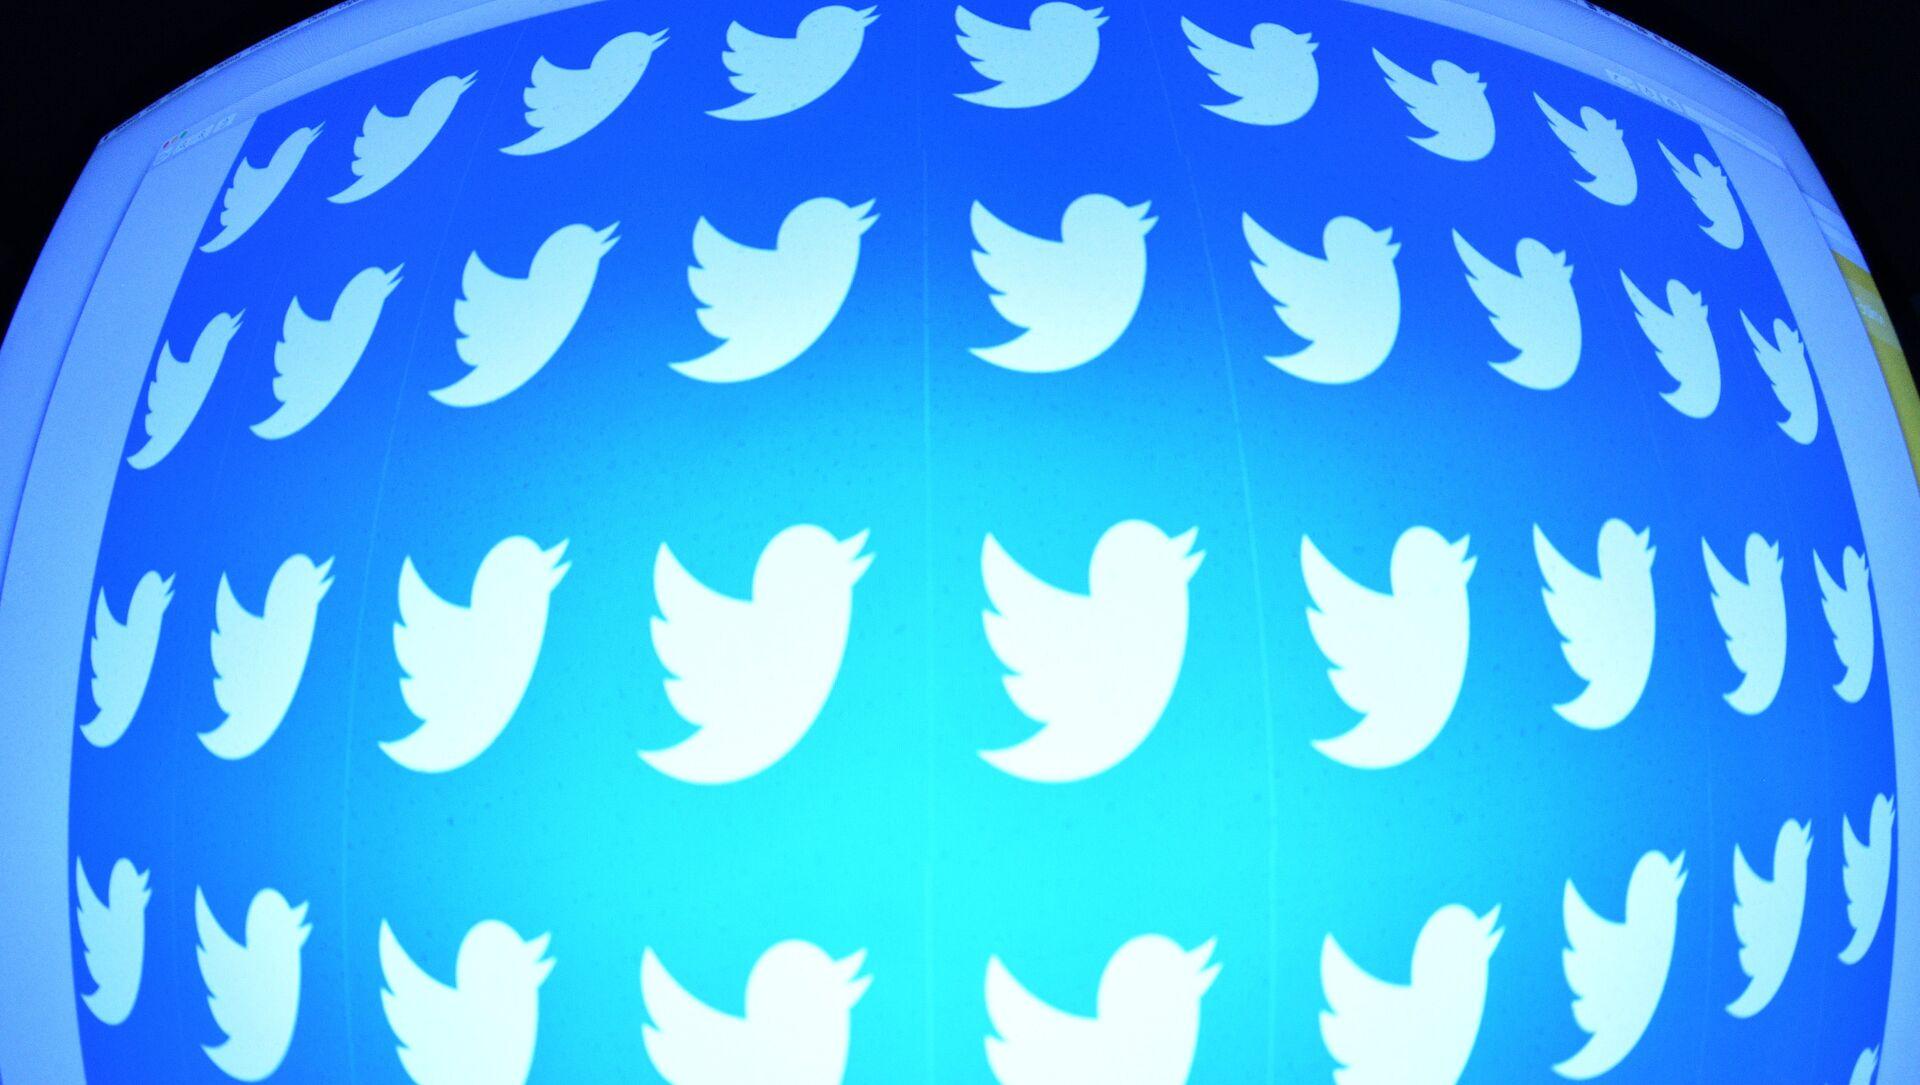 Логотип социальной сети Twitter на экране смартфона - Sputnik Беларусь, 1920, 23.03.2021